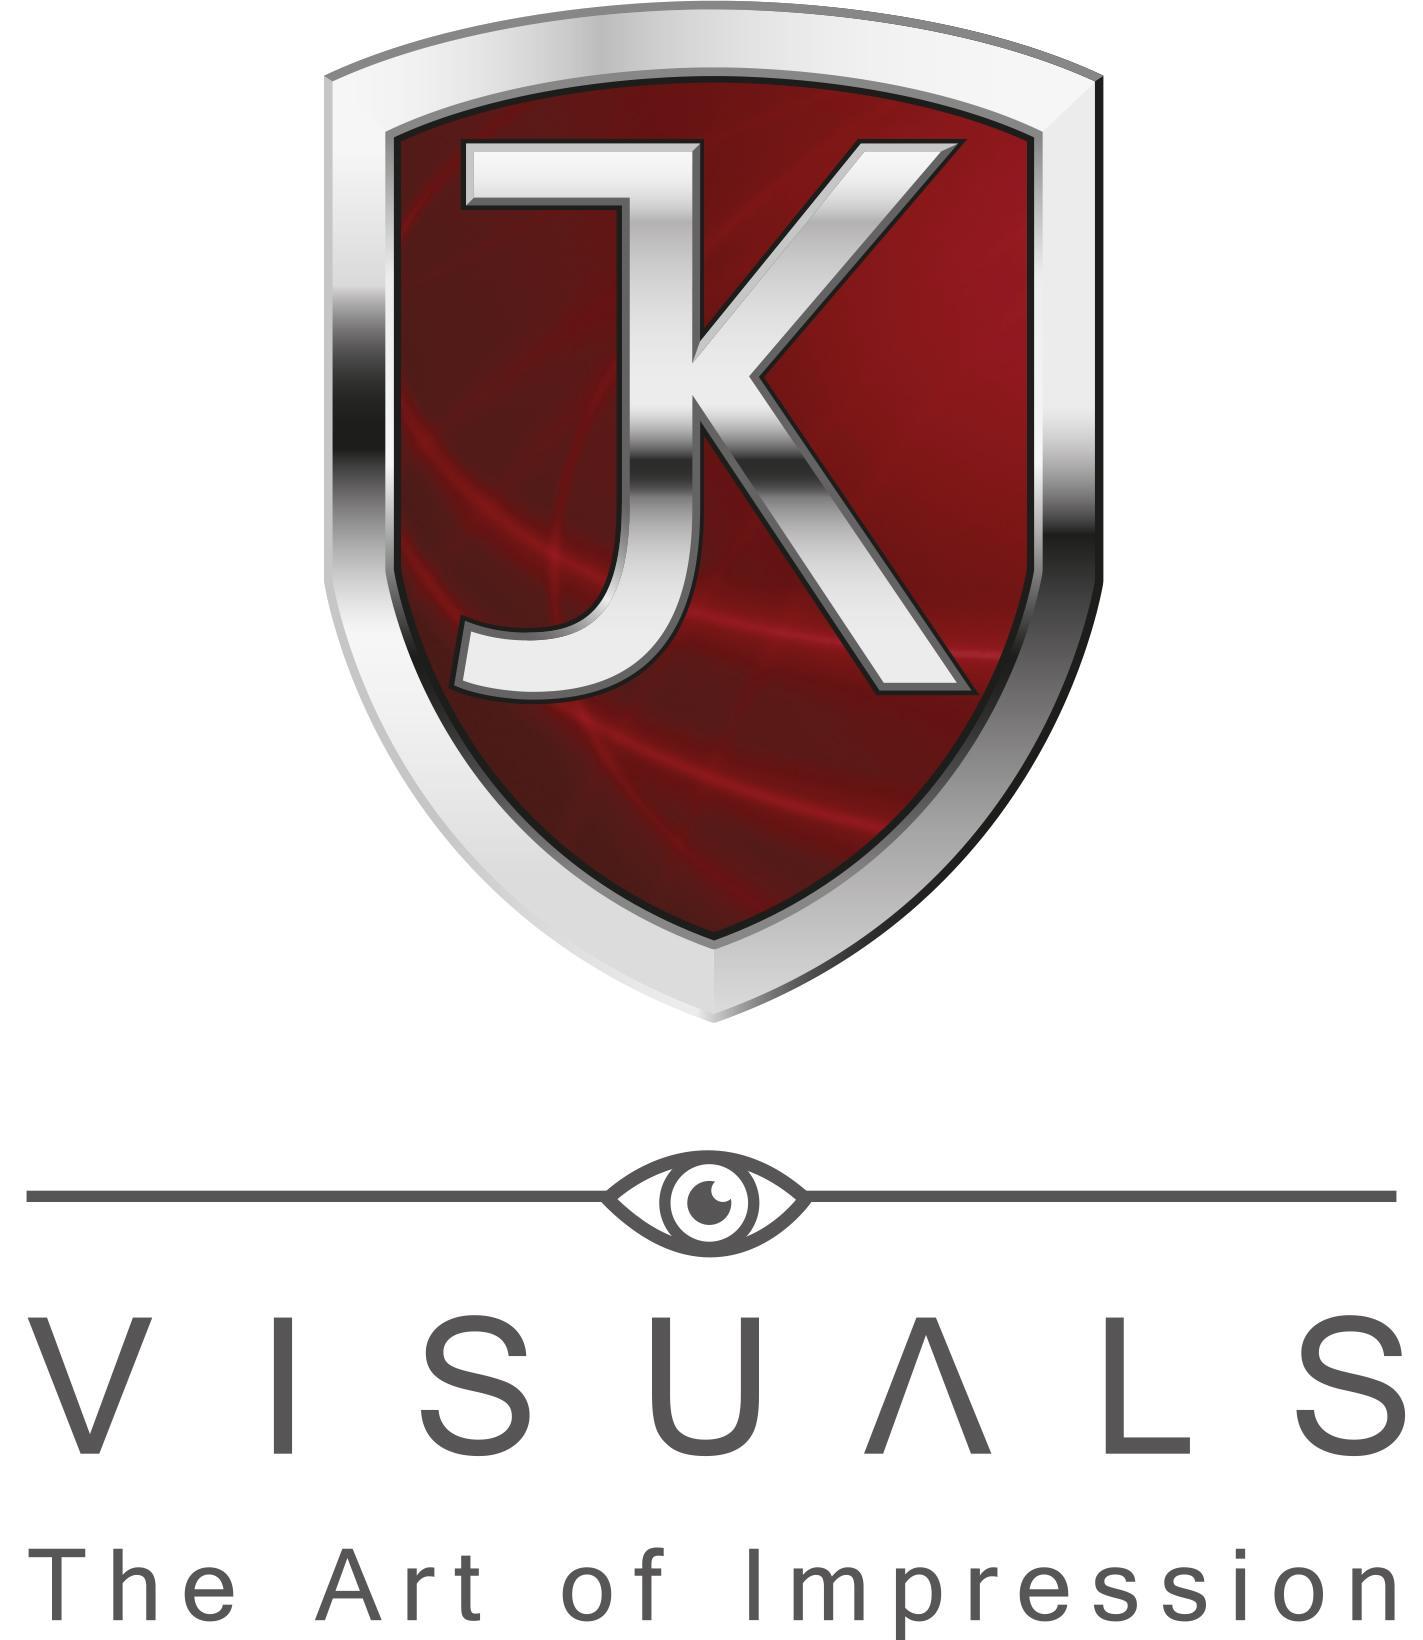 JK Visuals